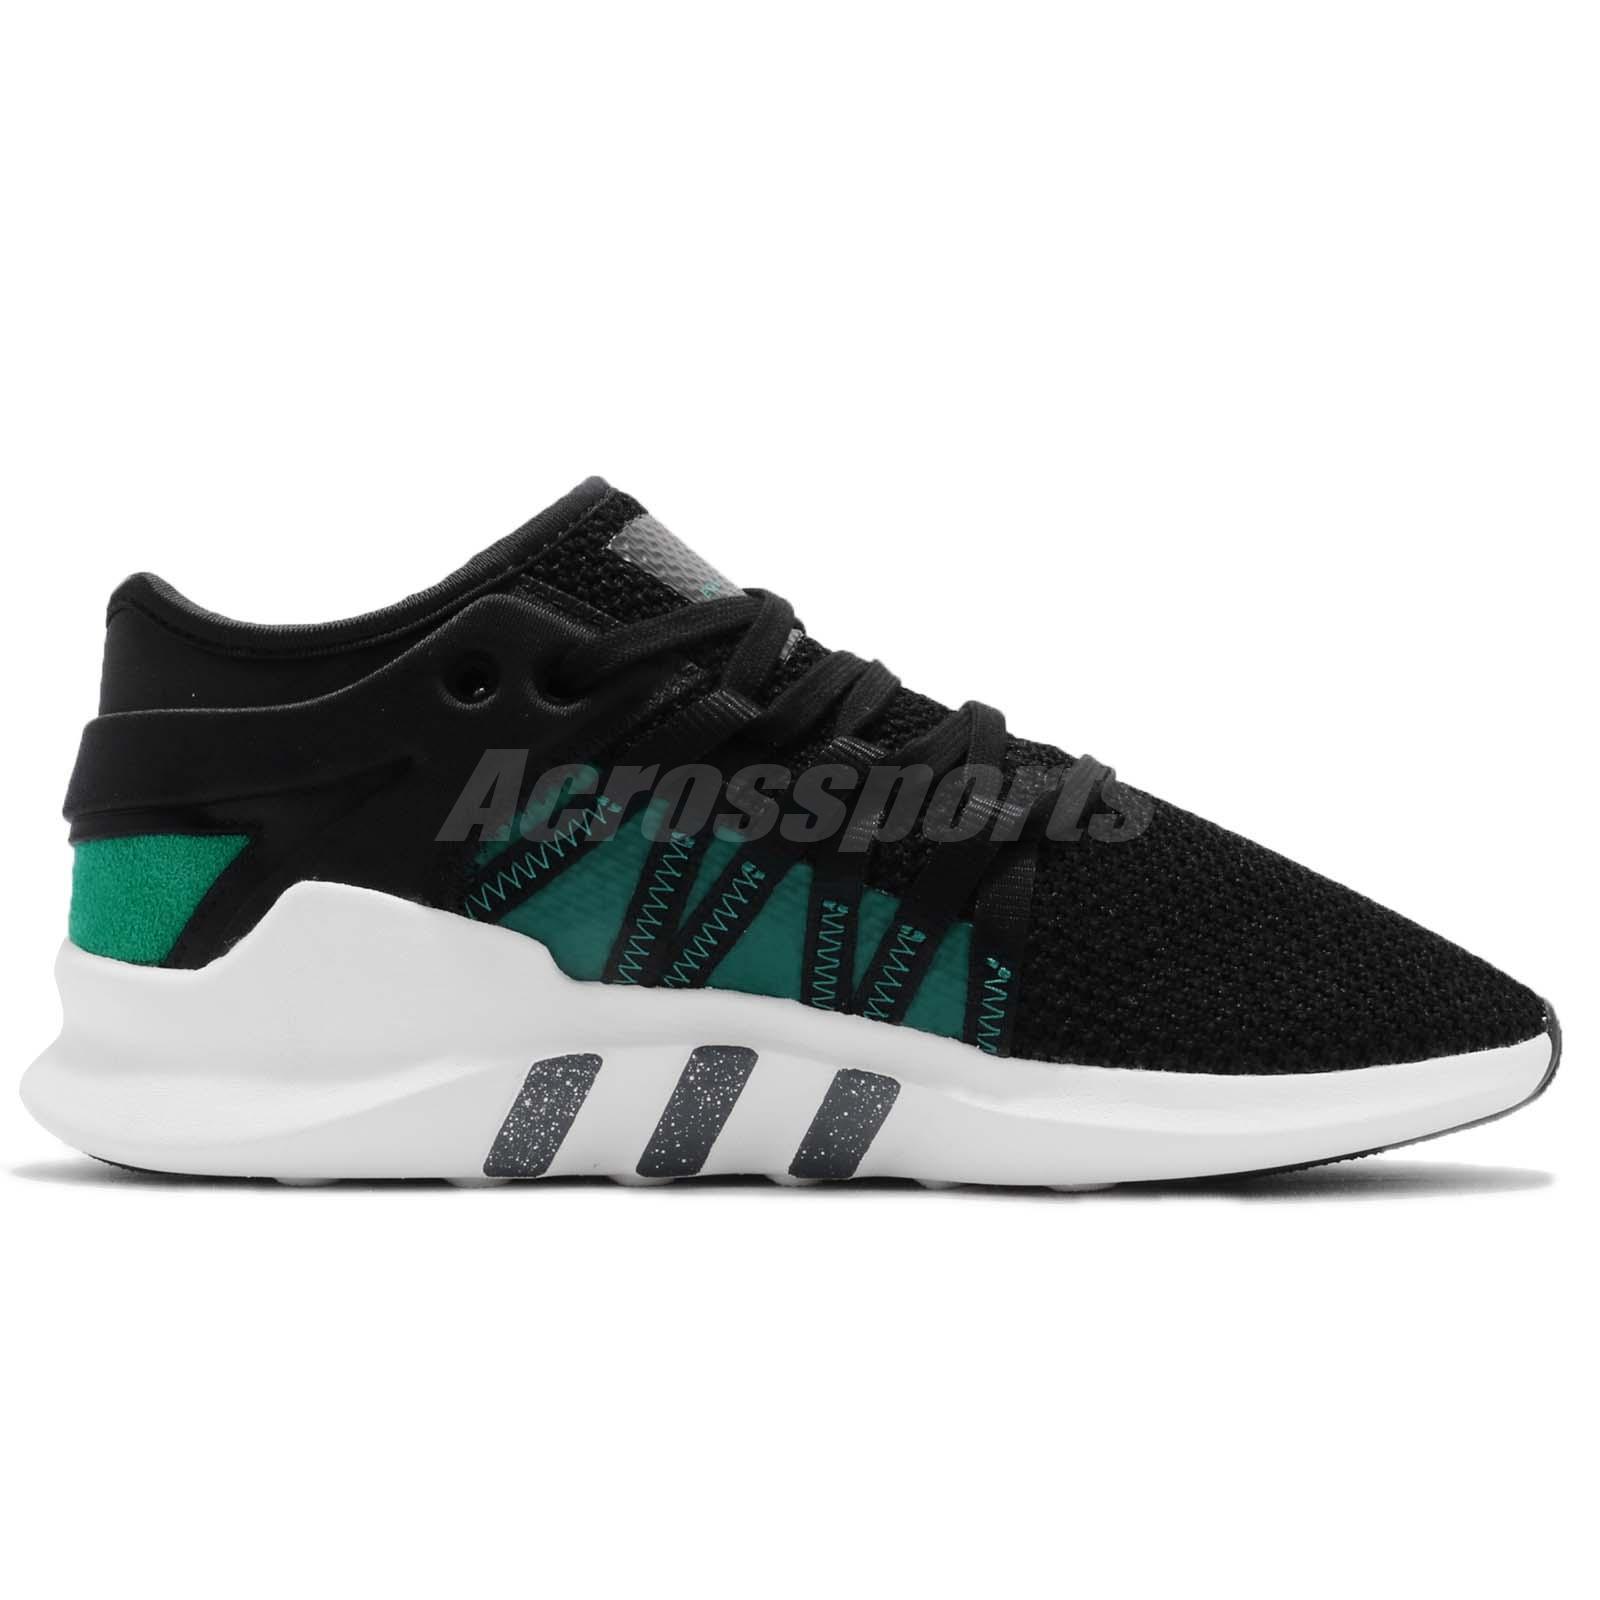 adidas originali eqt racing avanzata w donne giorno nero - verde scarpe da donna